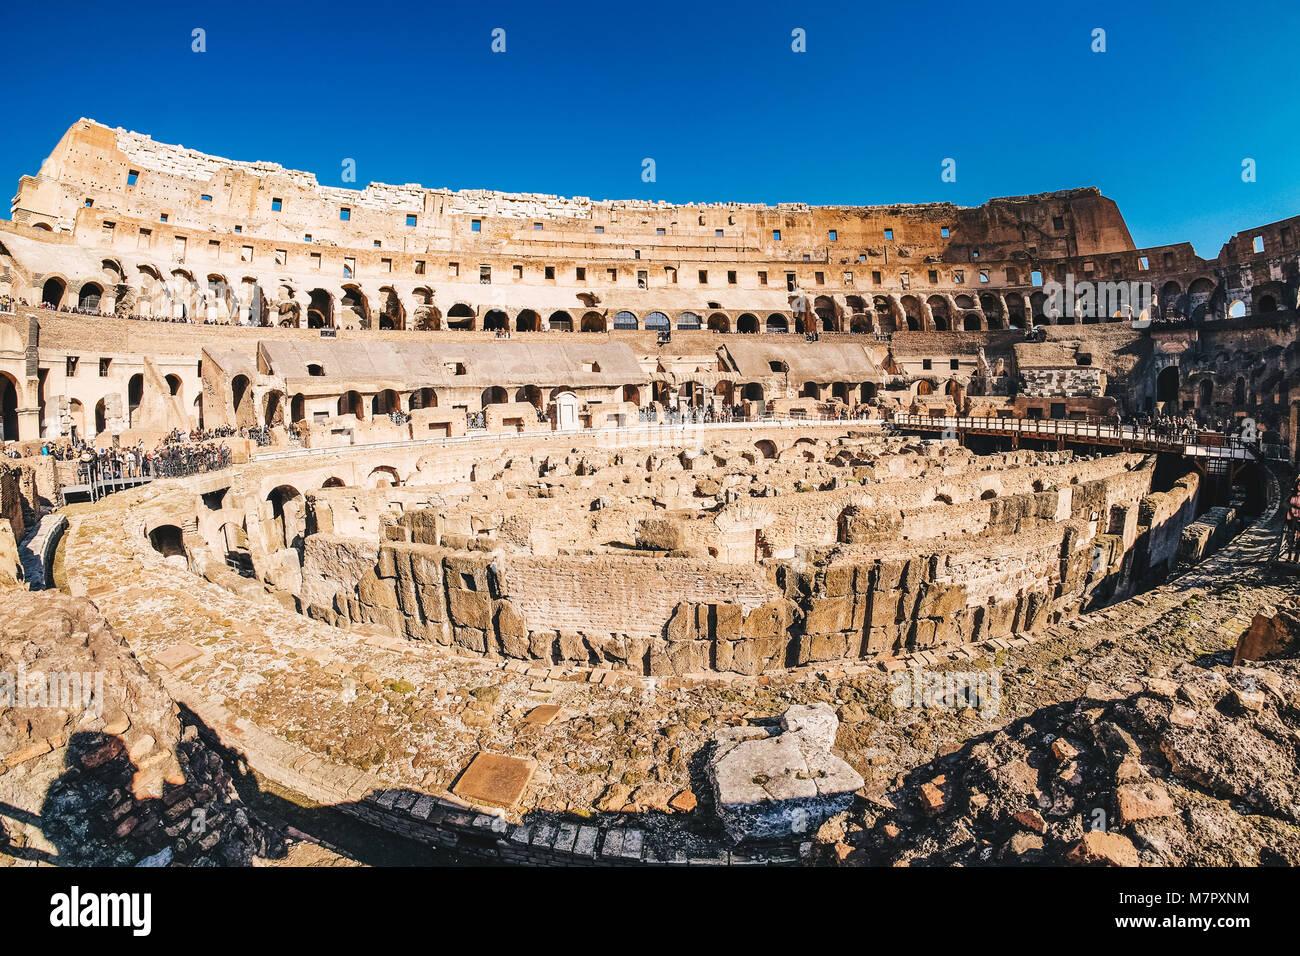 Panoramablick auf die Innenseite des Römischen Kolosseum in Rom, Italien Stockbild